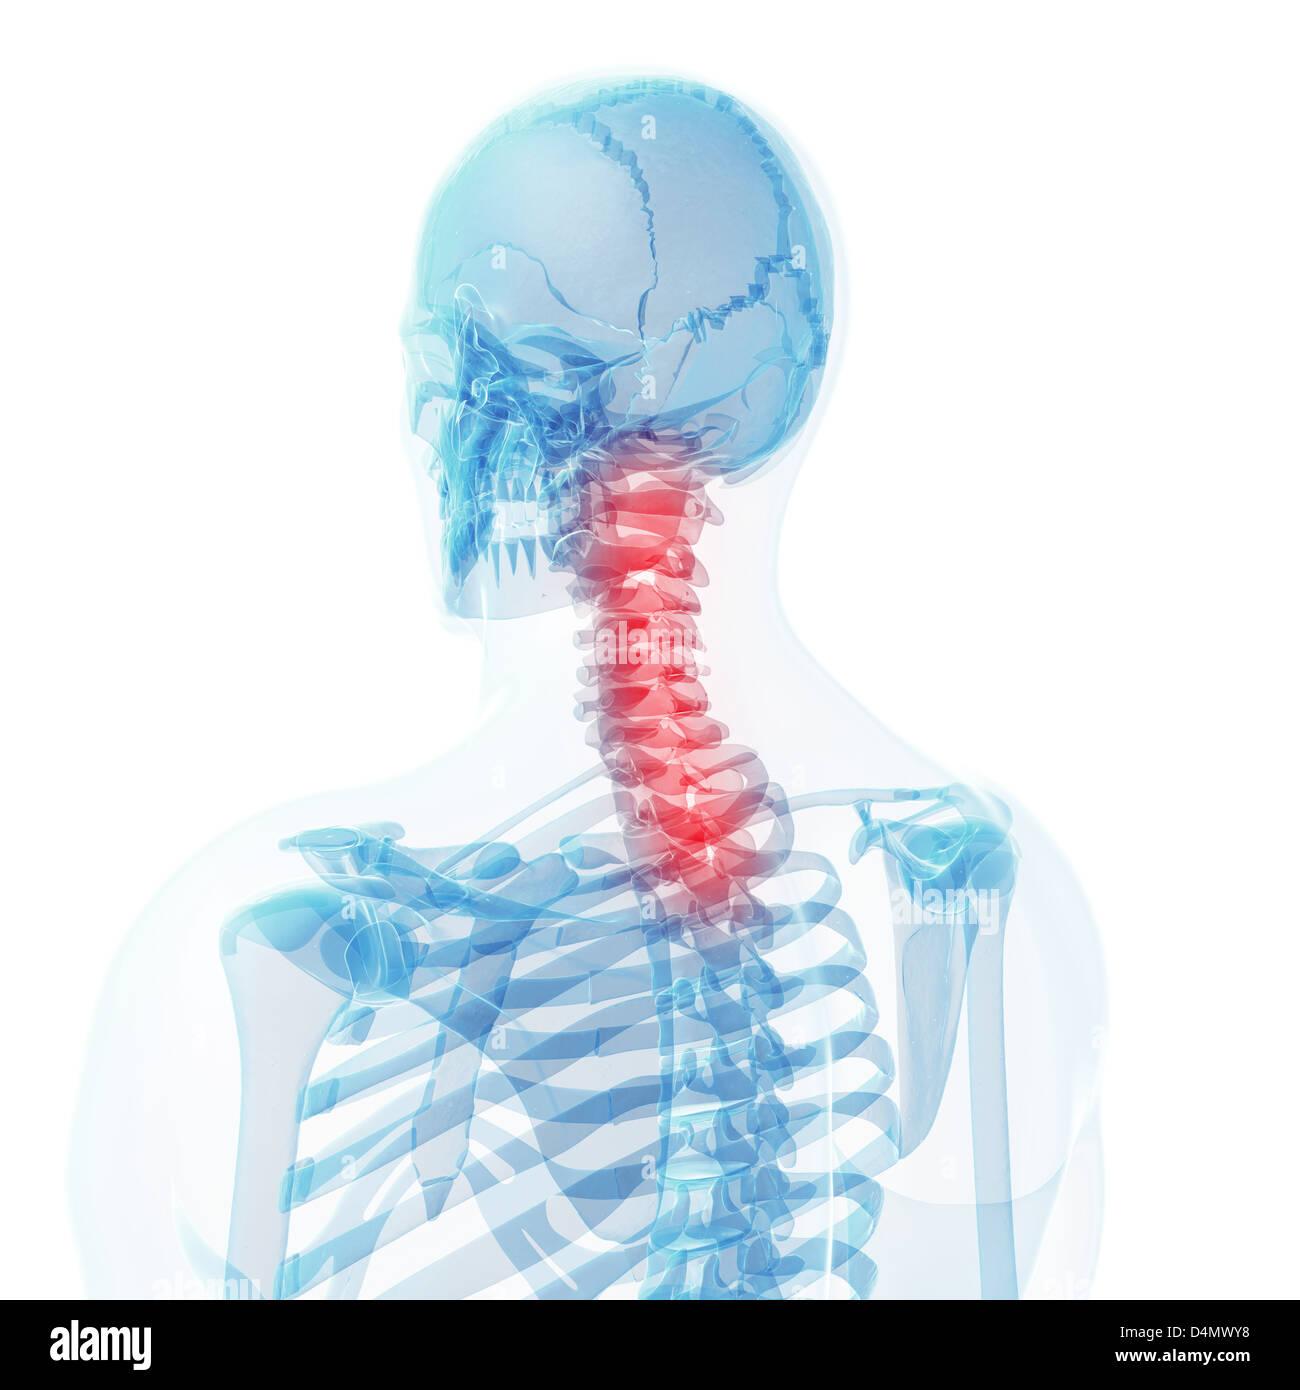 Berühmt Wirbelsäule X Ray Anatomie Bilder - Anatomie Ideen - finotti ...